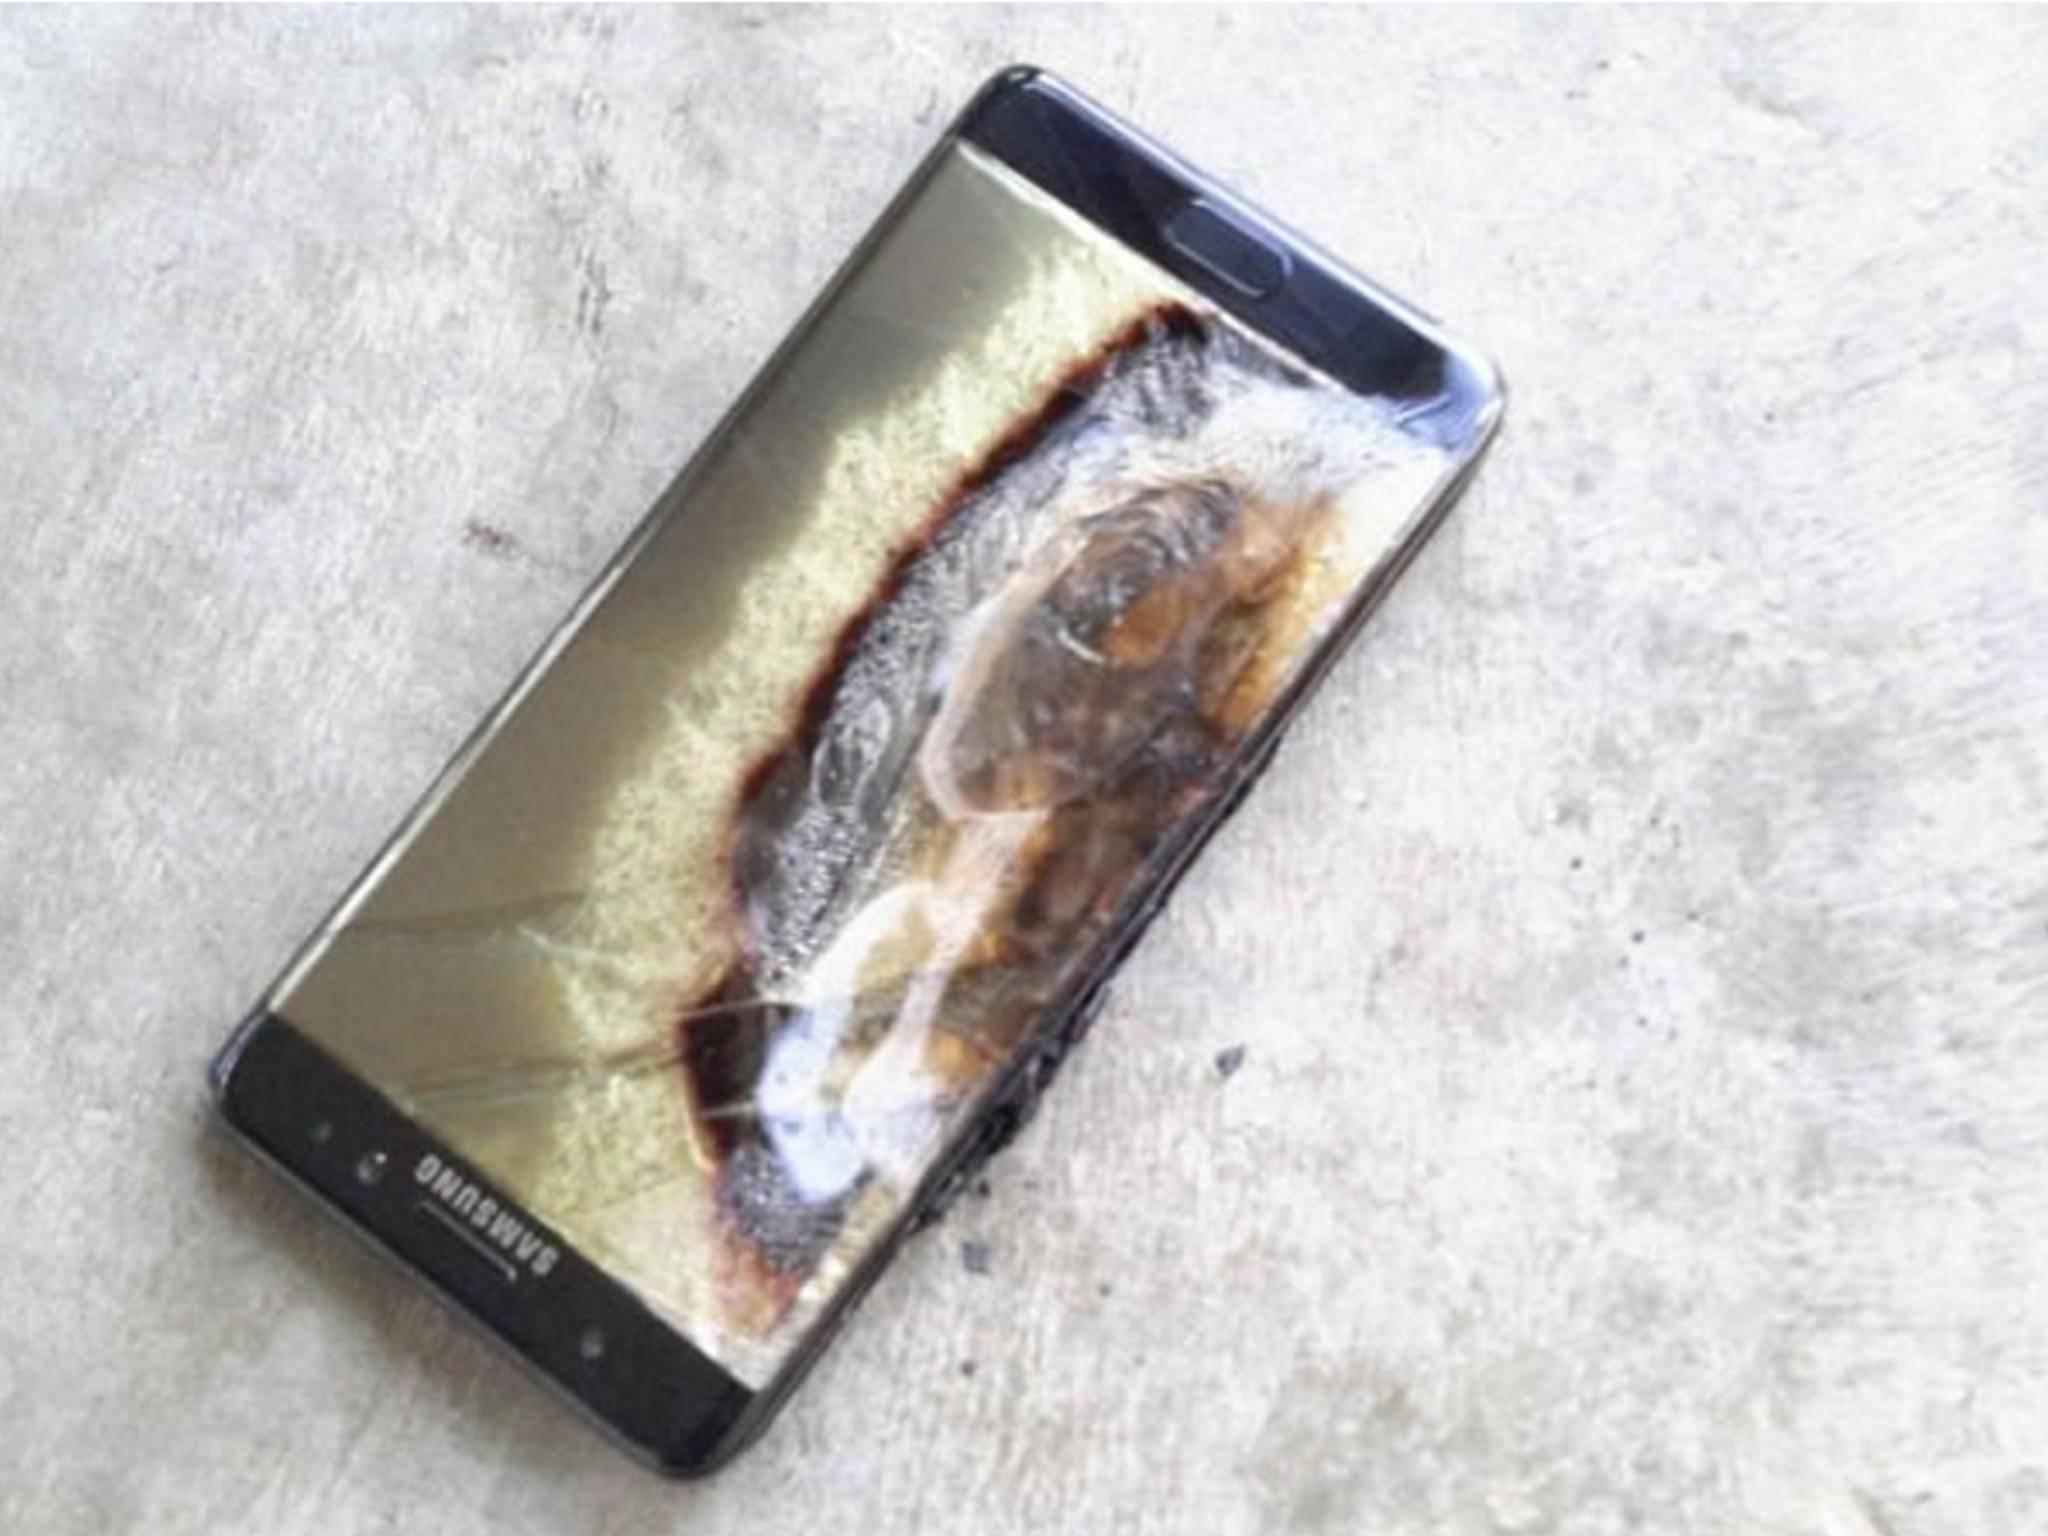 Samsung Galaxy Note 7 explodiert.jpg